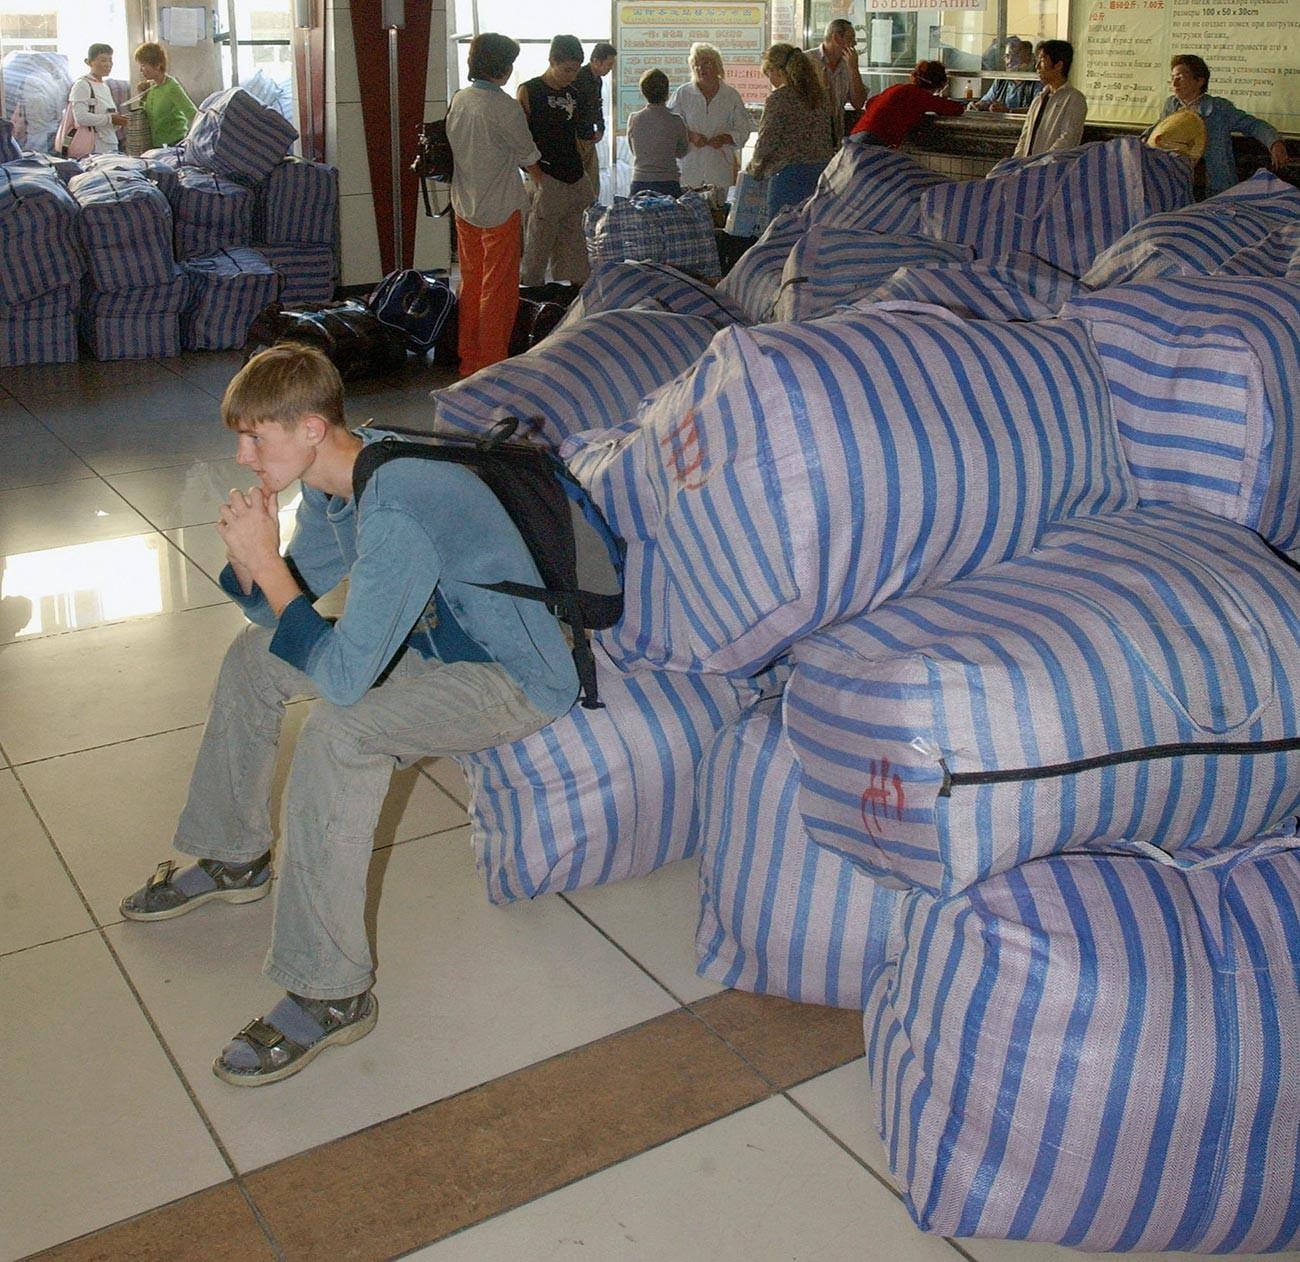 Comerciantes russos no Extremo Oriente a caminho de casa.